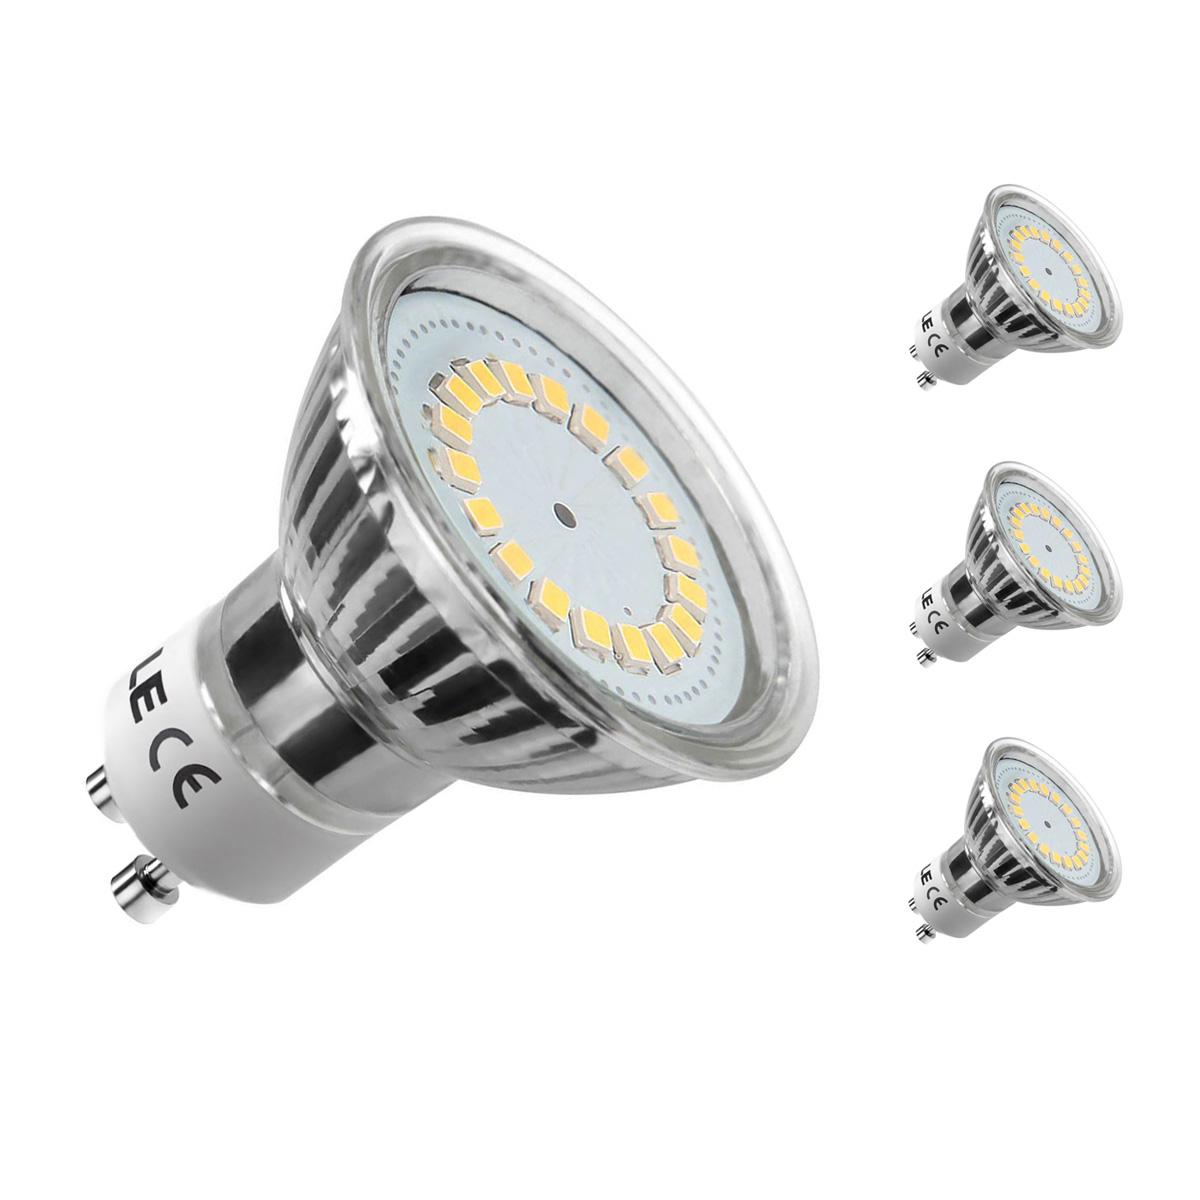 [Bündel] 3,5W GU10 MR16 LED Spot, 350lm Leuchtmittel, Ersatz für 50W Halogen, Warmweiß, 3er Set